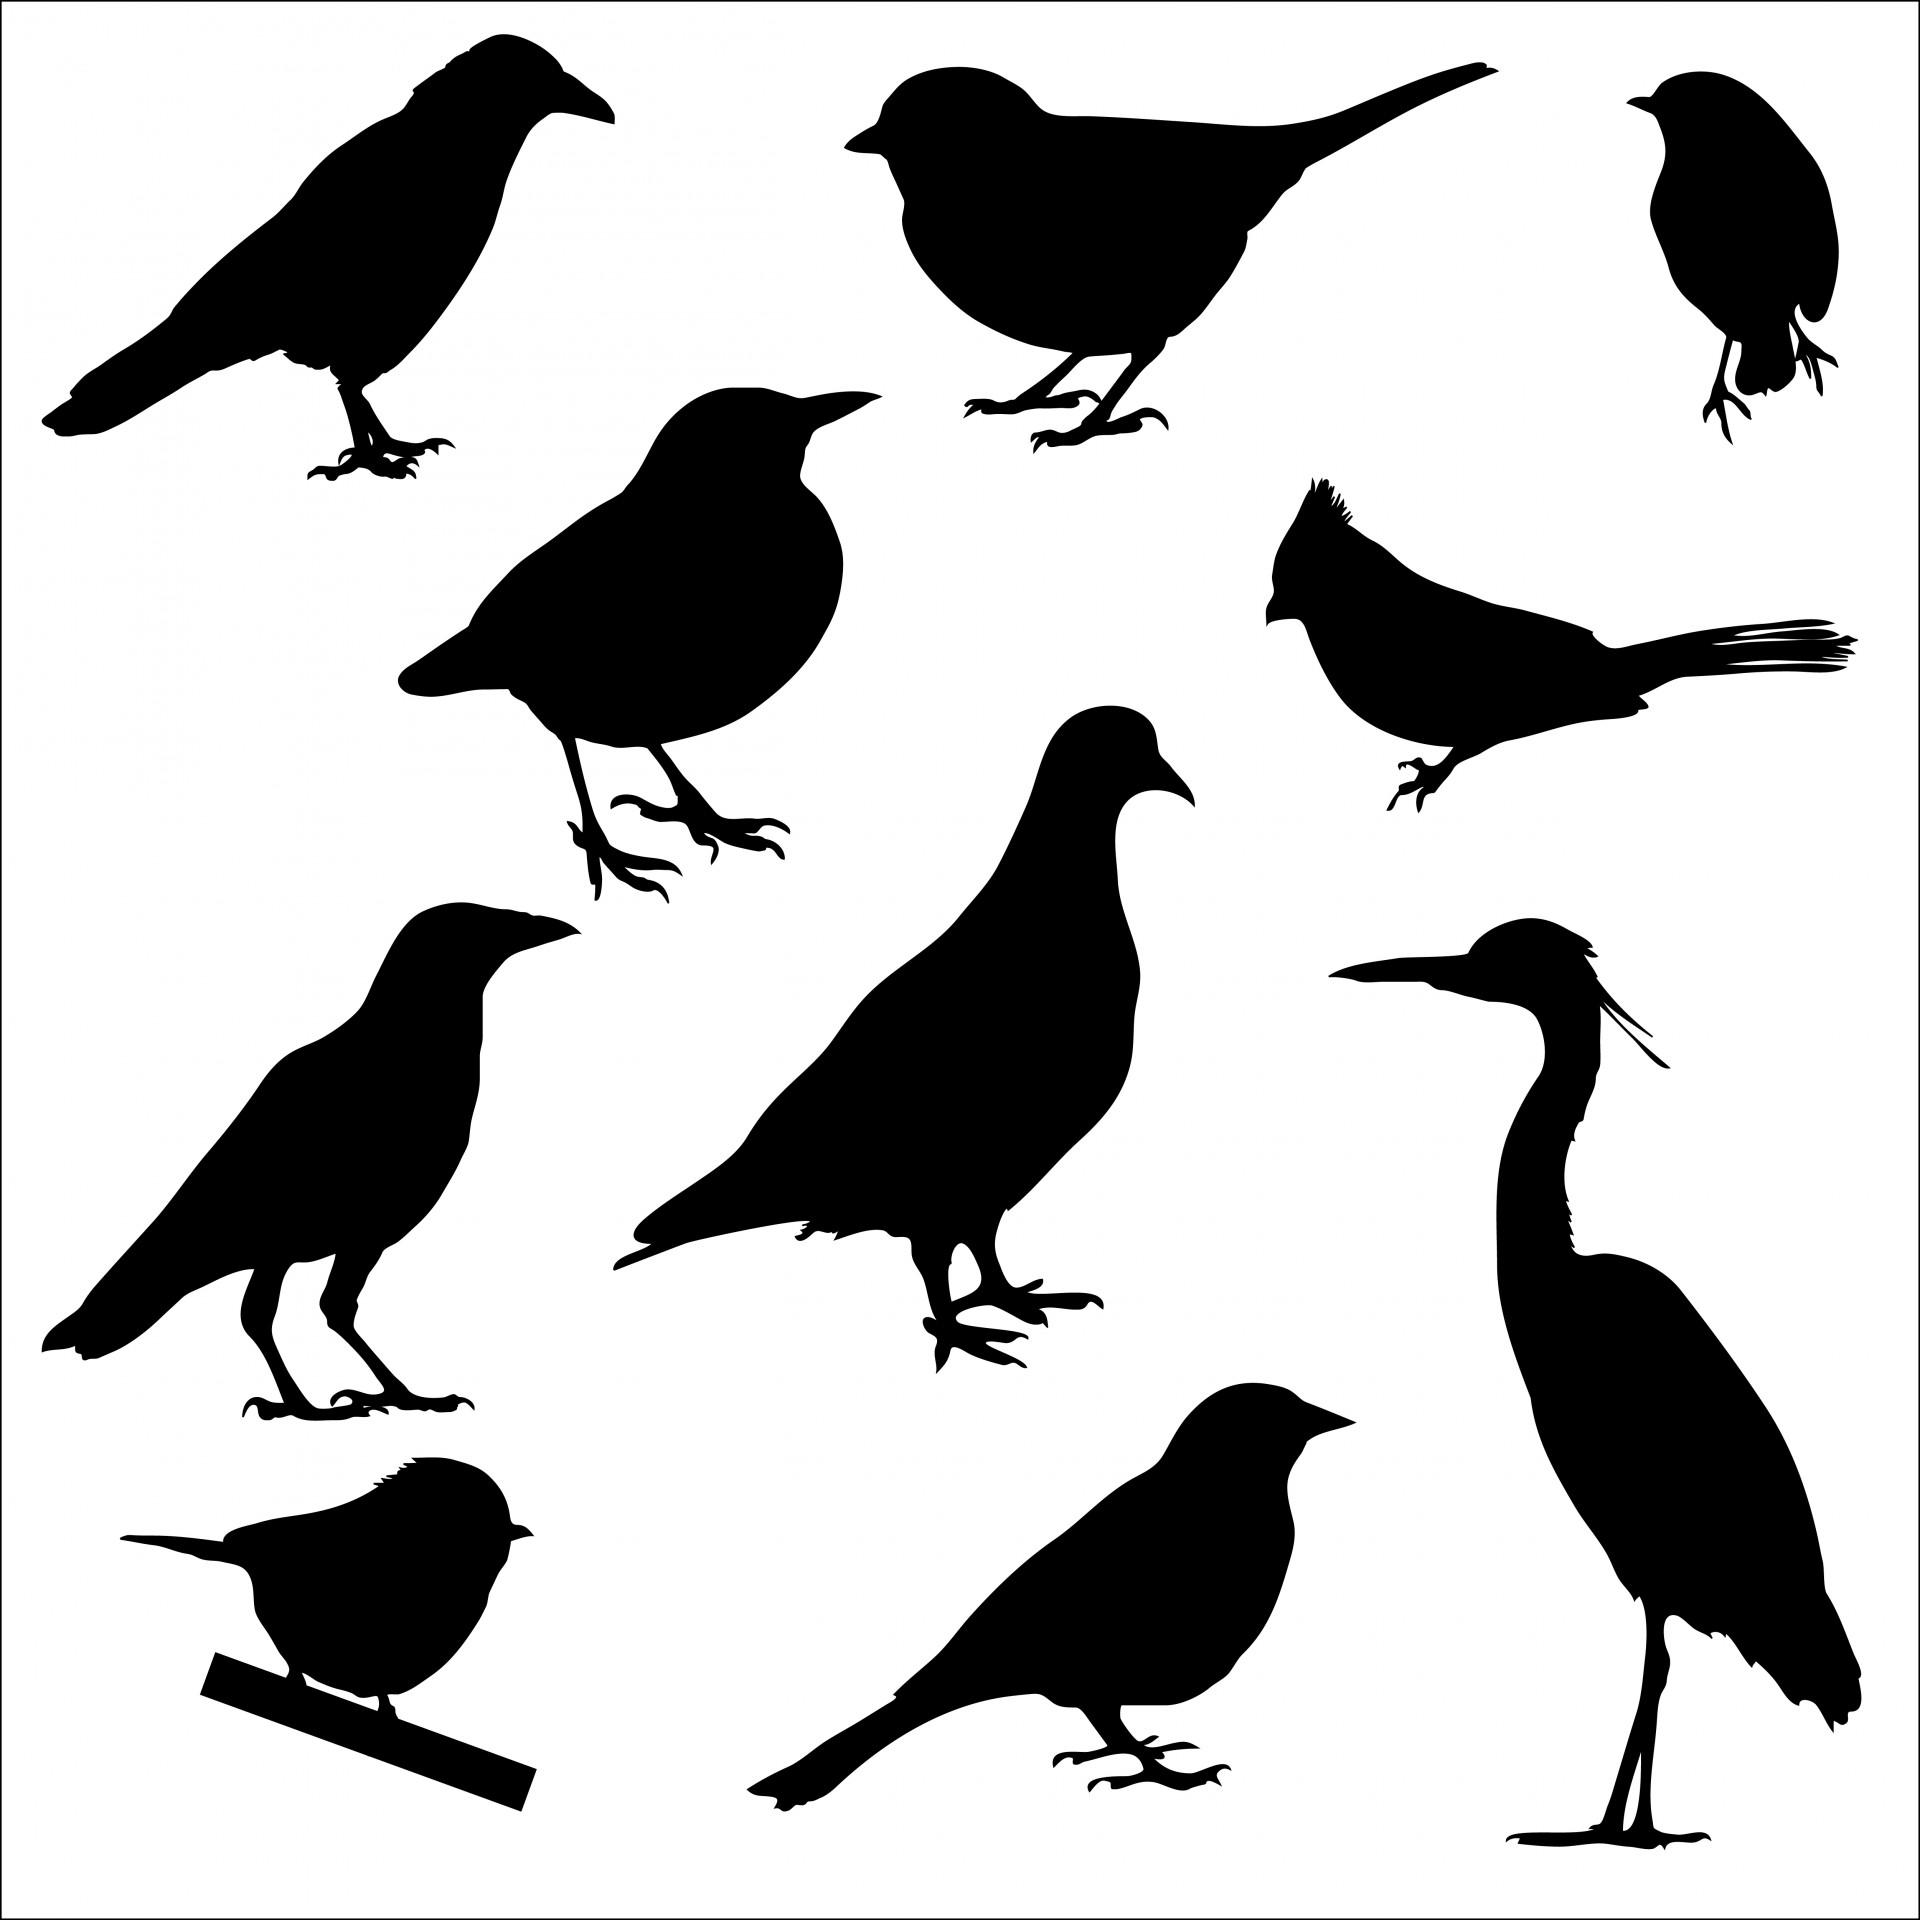 Bird Silhouettes Free Stock Photo